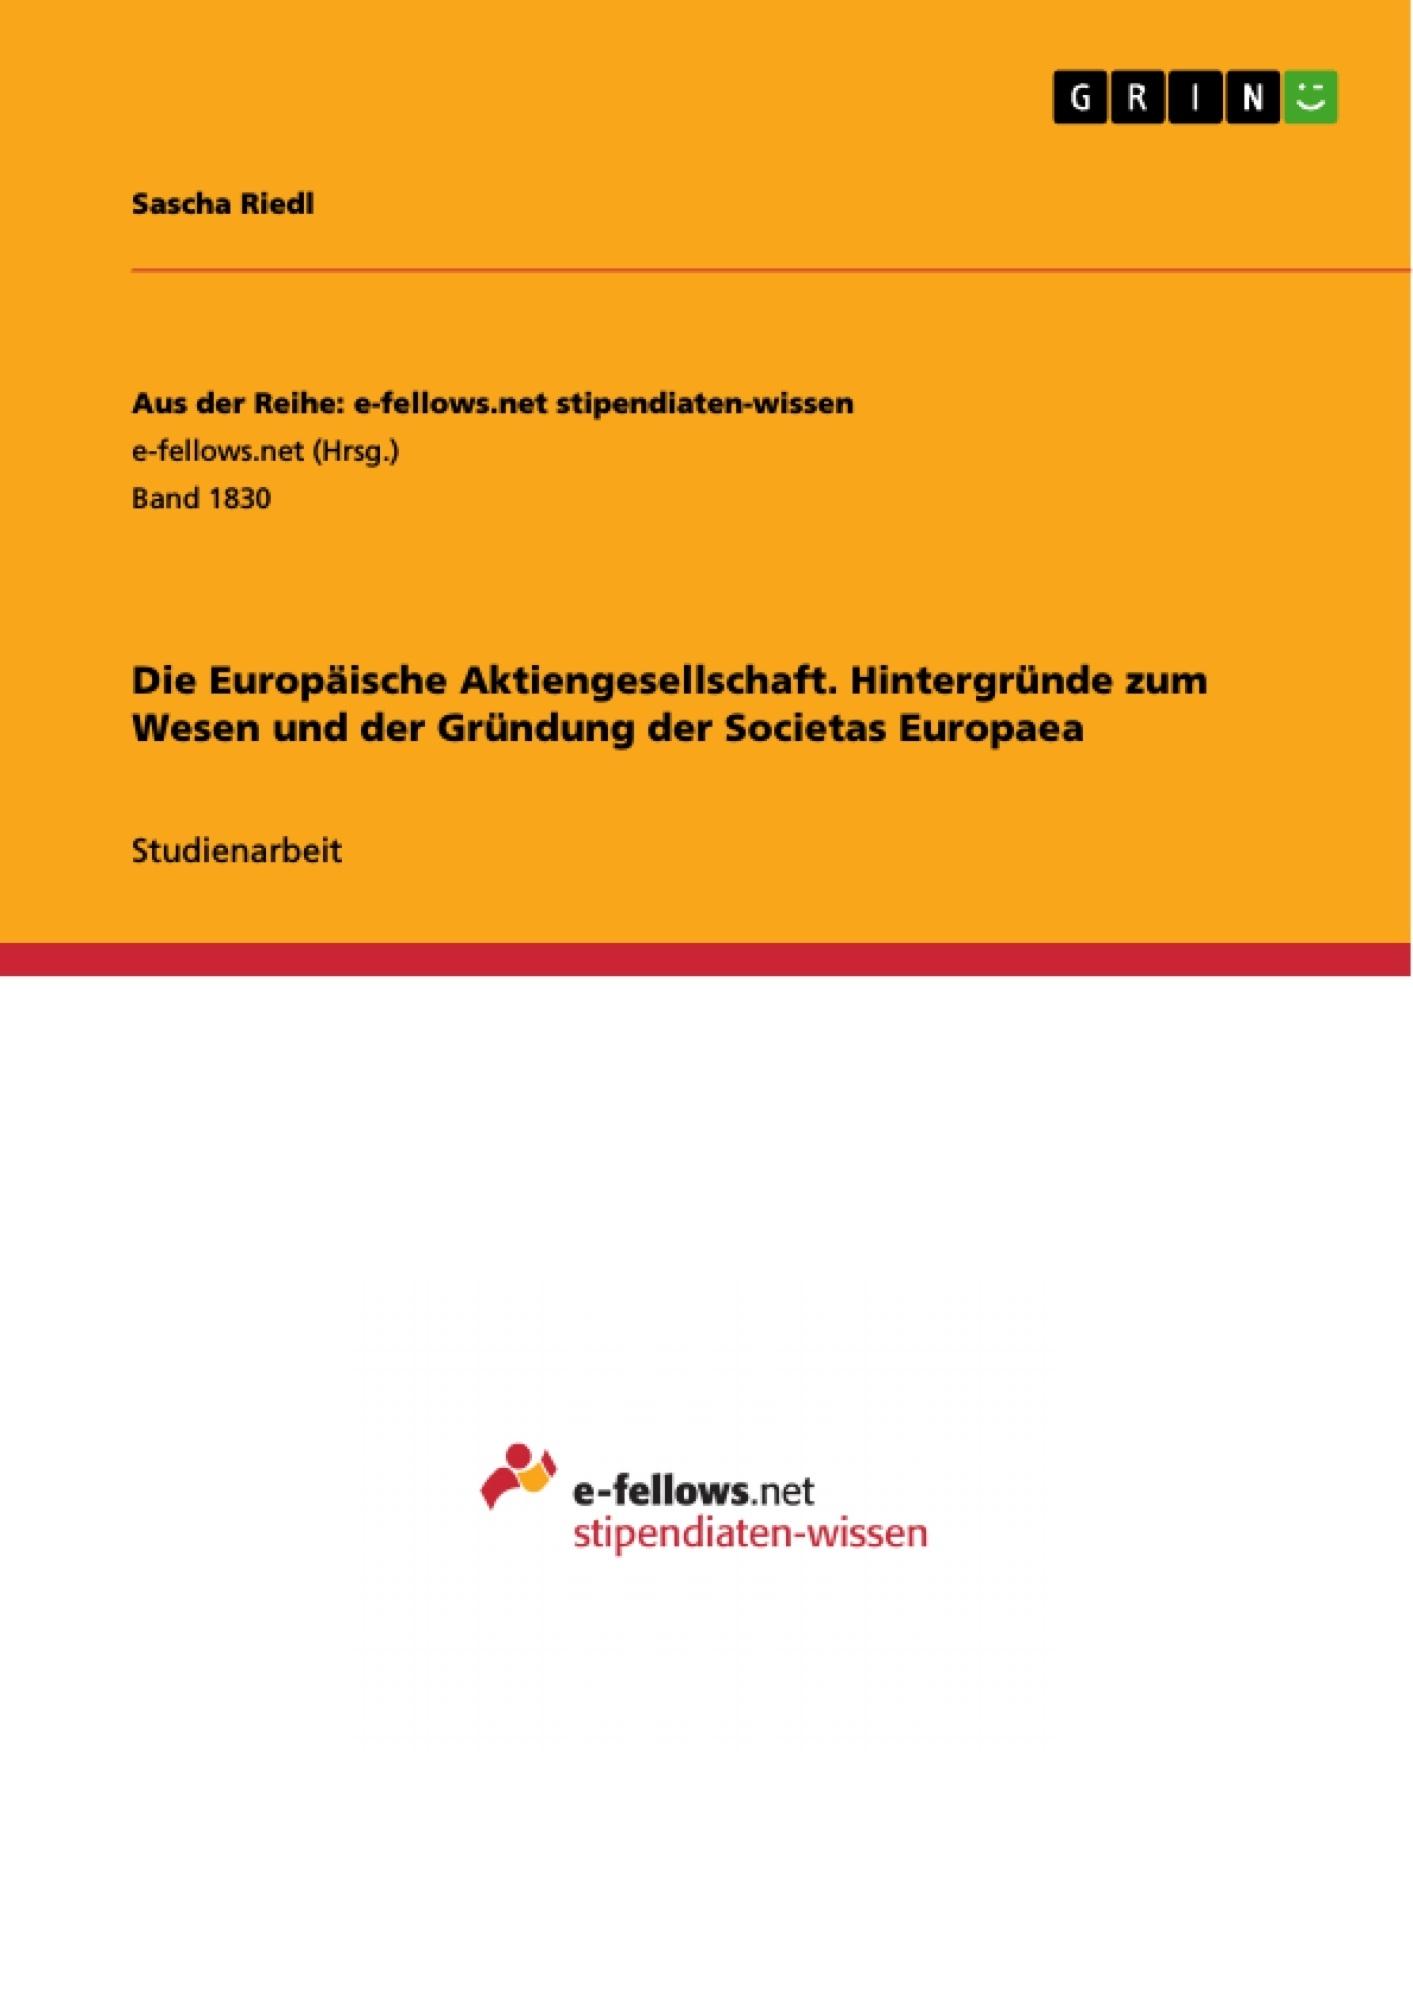 Titel: Die Europäische Aktiengesellschaft. Hintergründe zum Wesen und der Gründung der Societas Europaea